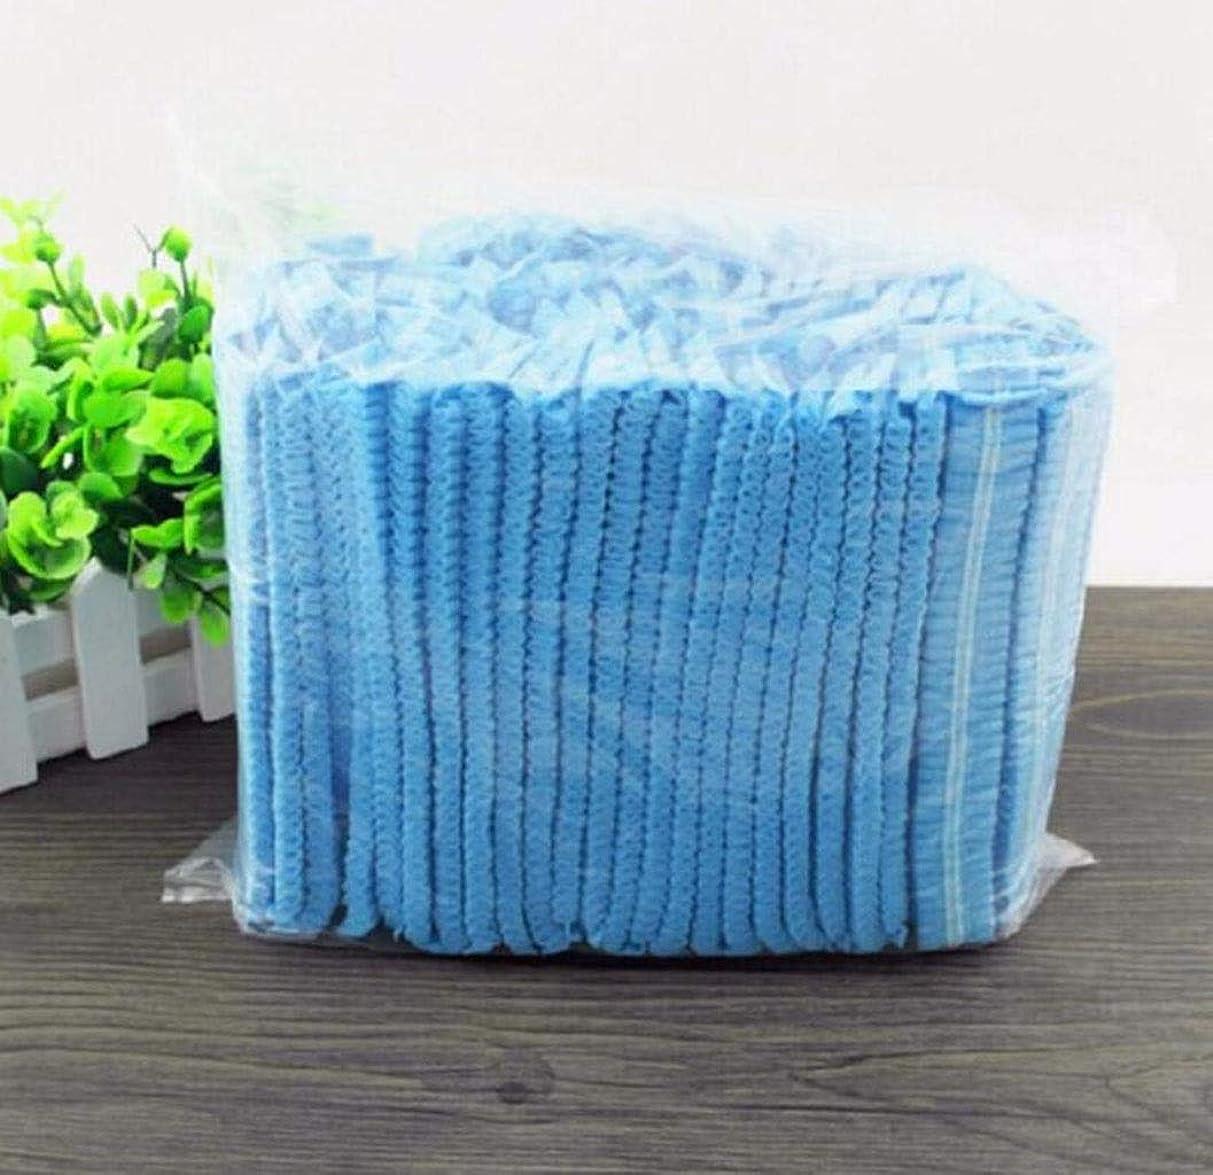 攻撃ゲートウェイ注文食品産業病院用使い捨て不織布ストリップキャップ不織布キノコキャップ使い捨てダストキャップ(300) (Color : Black)